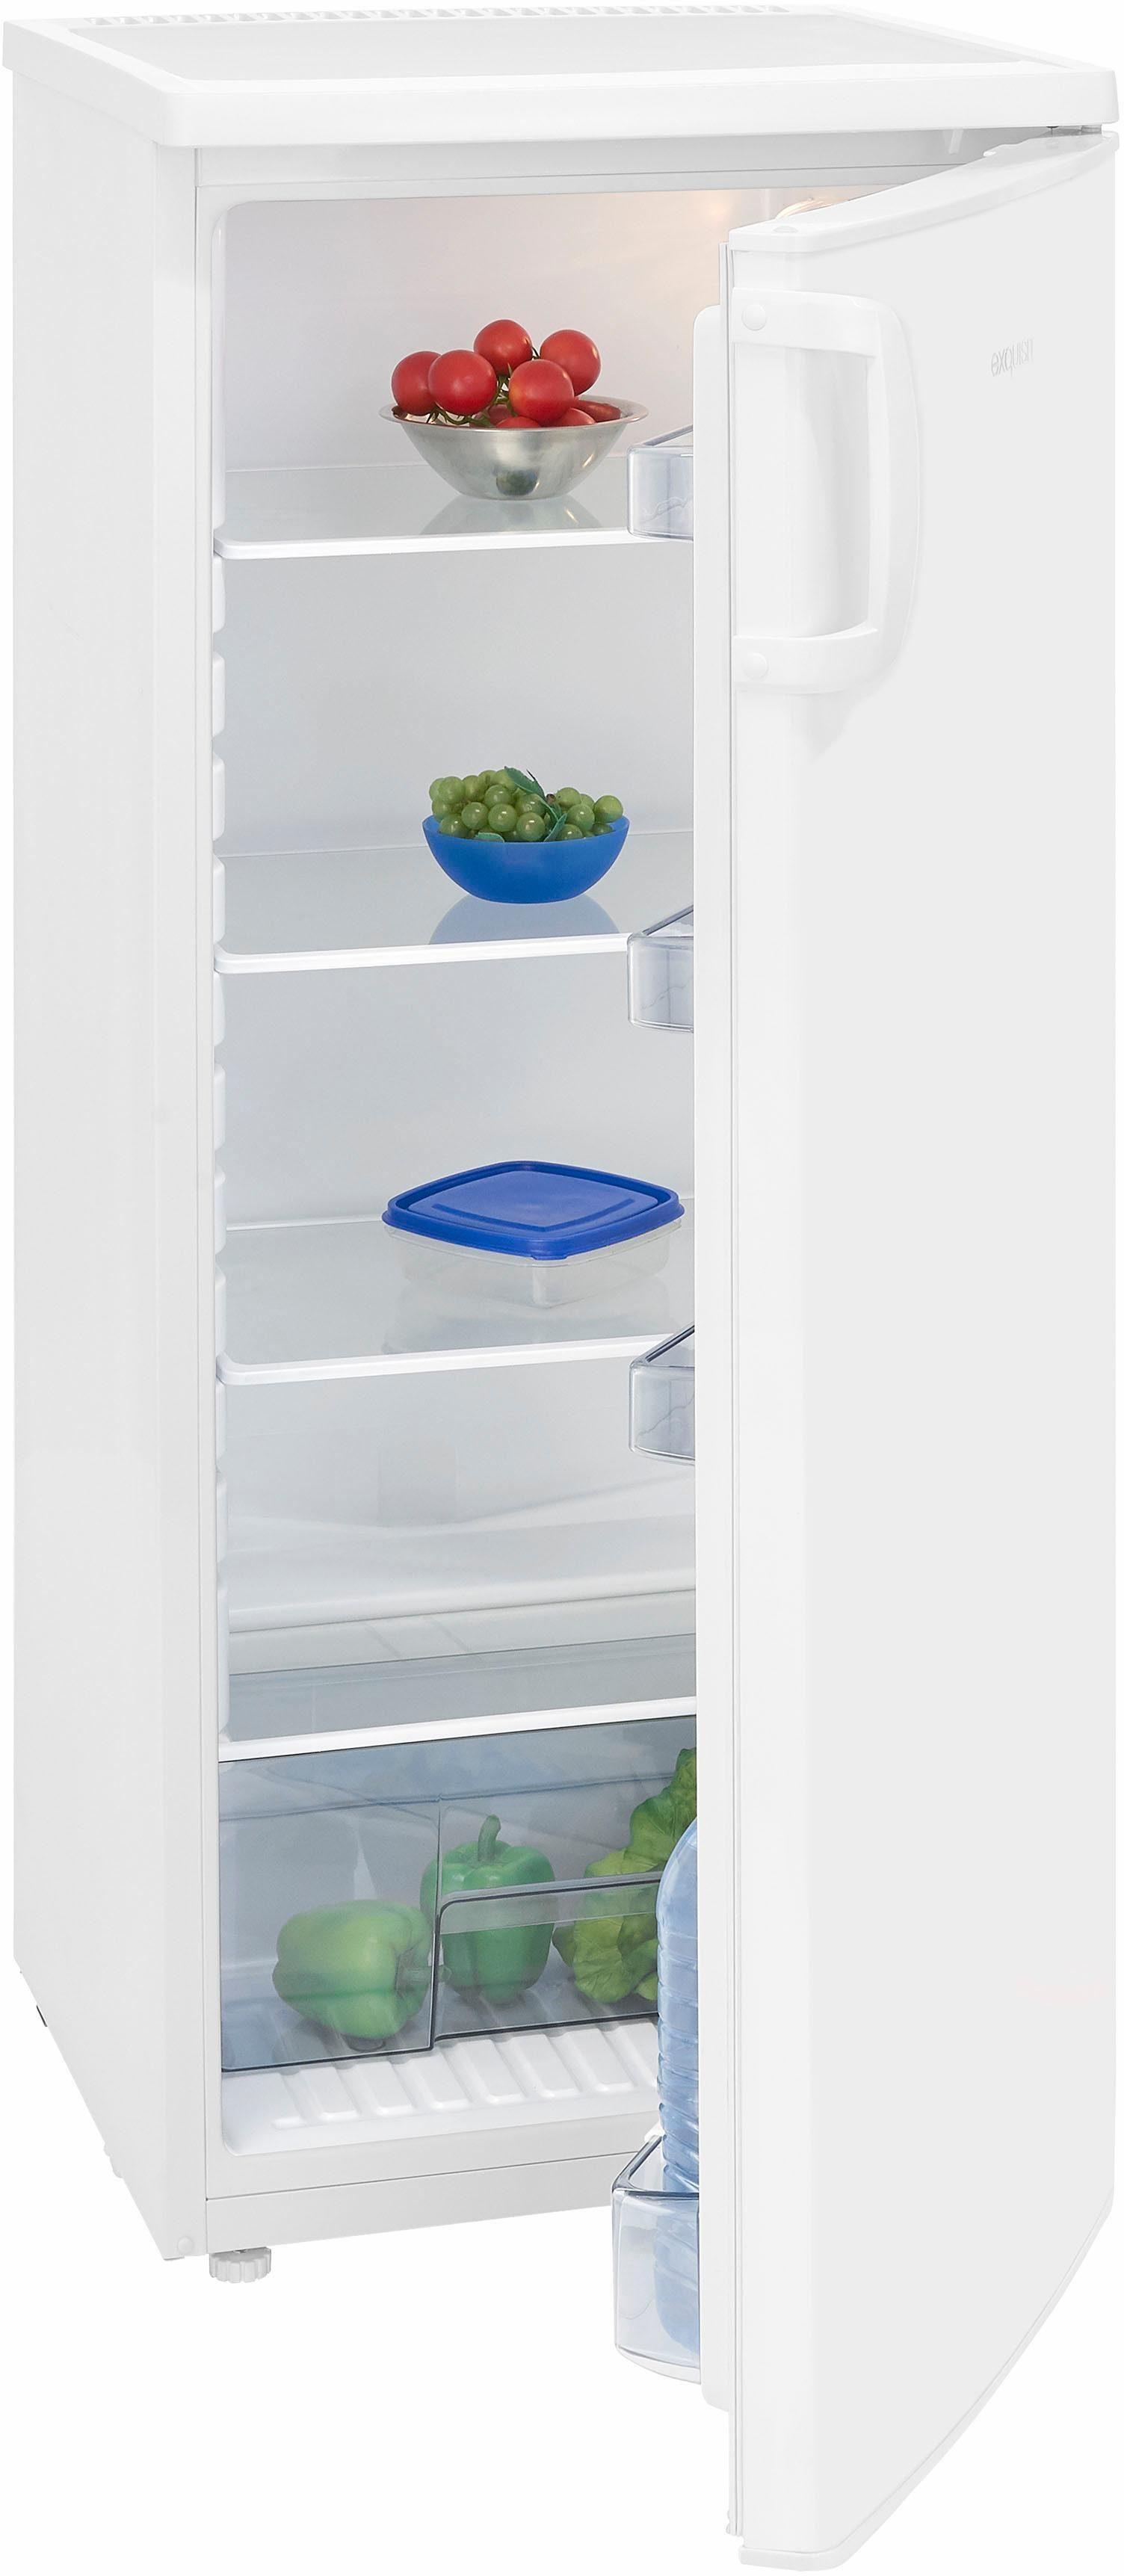 Exquisit Kühlschrank KS 190-5 RVA++, 125 cm hoch, 54,5 cm breit, A++, 125 cm hoch